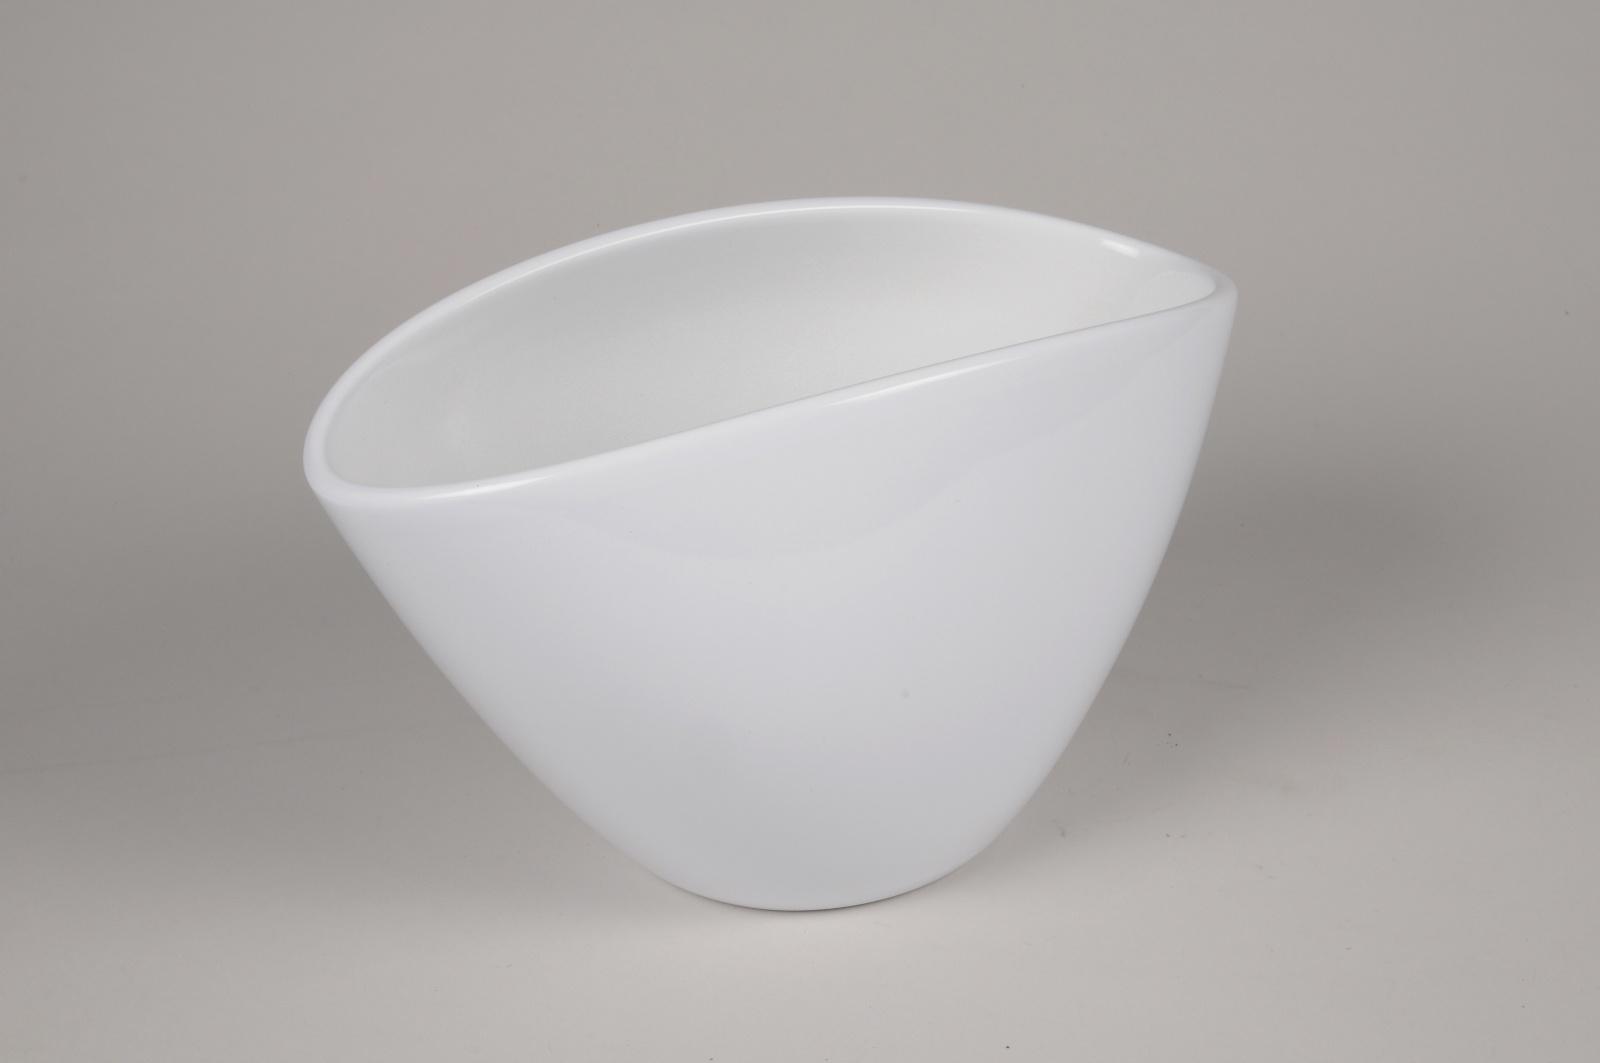 A042A8 Jardinière en céramique blanche 28.5x15cm H17.5cm